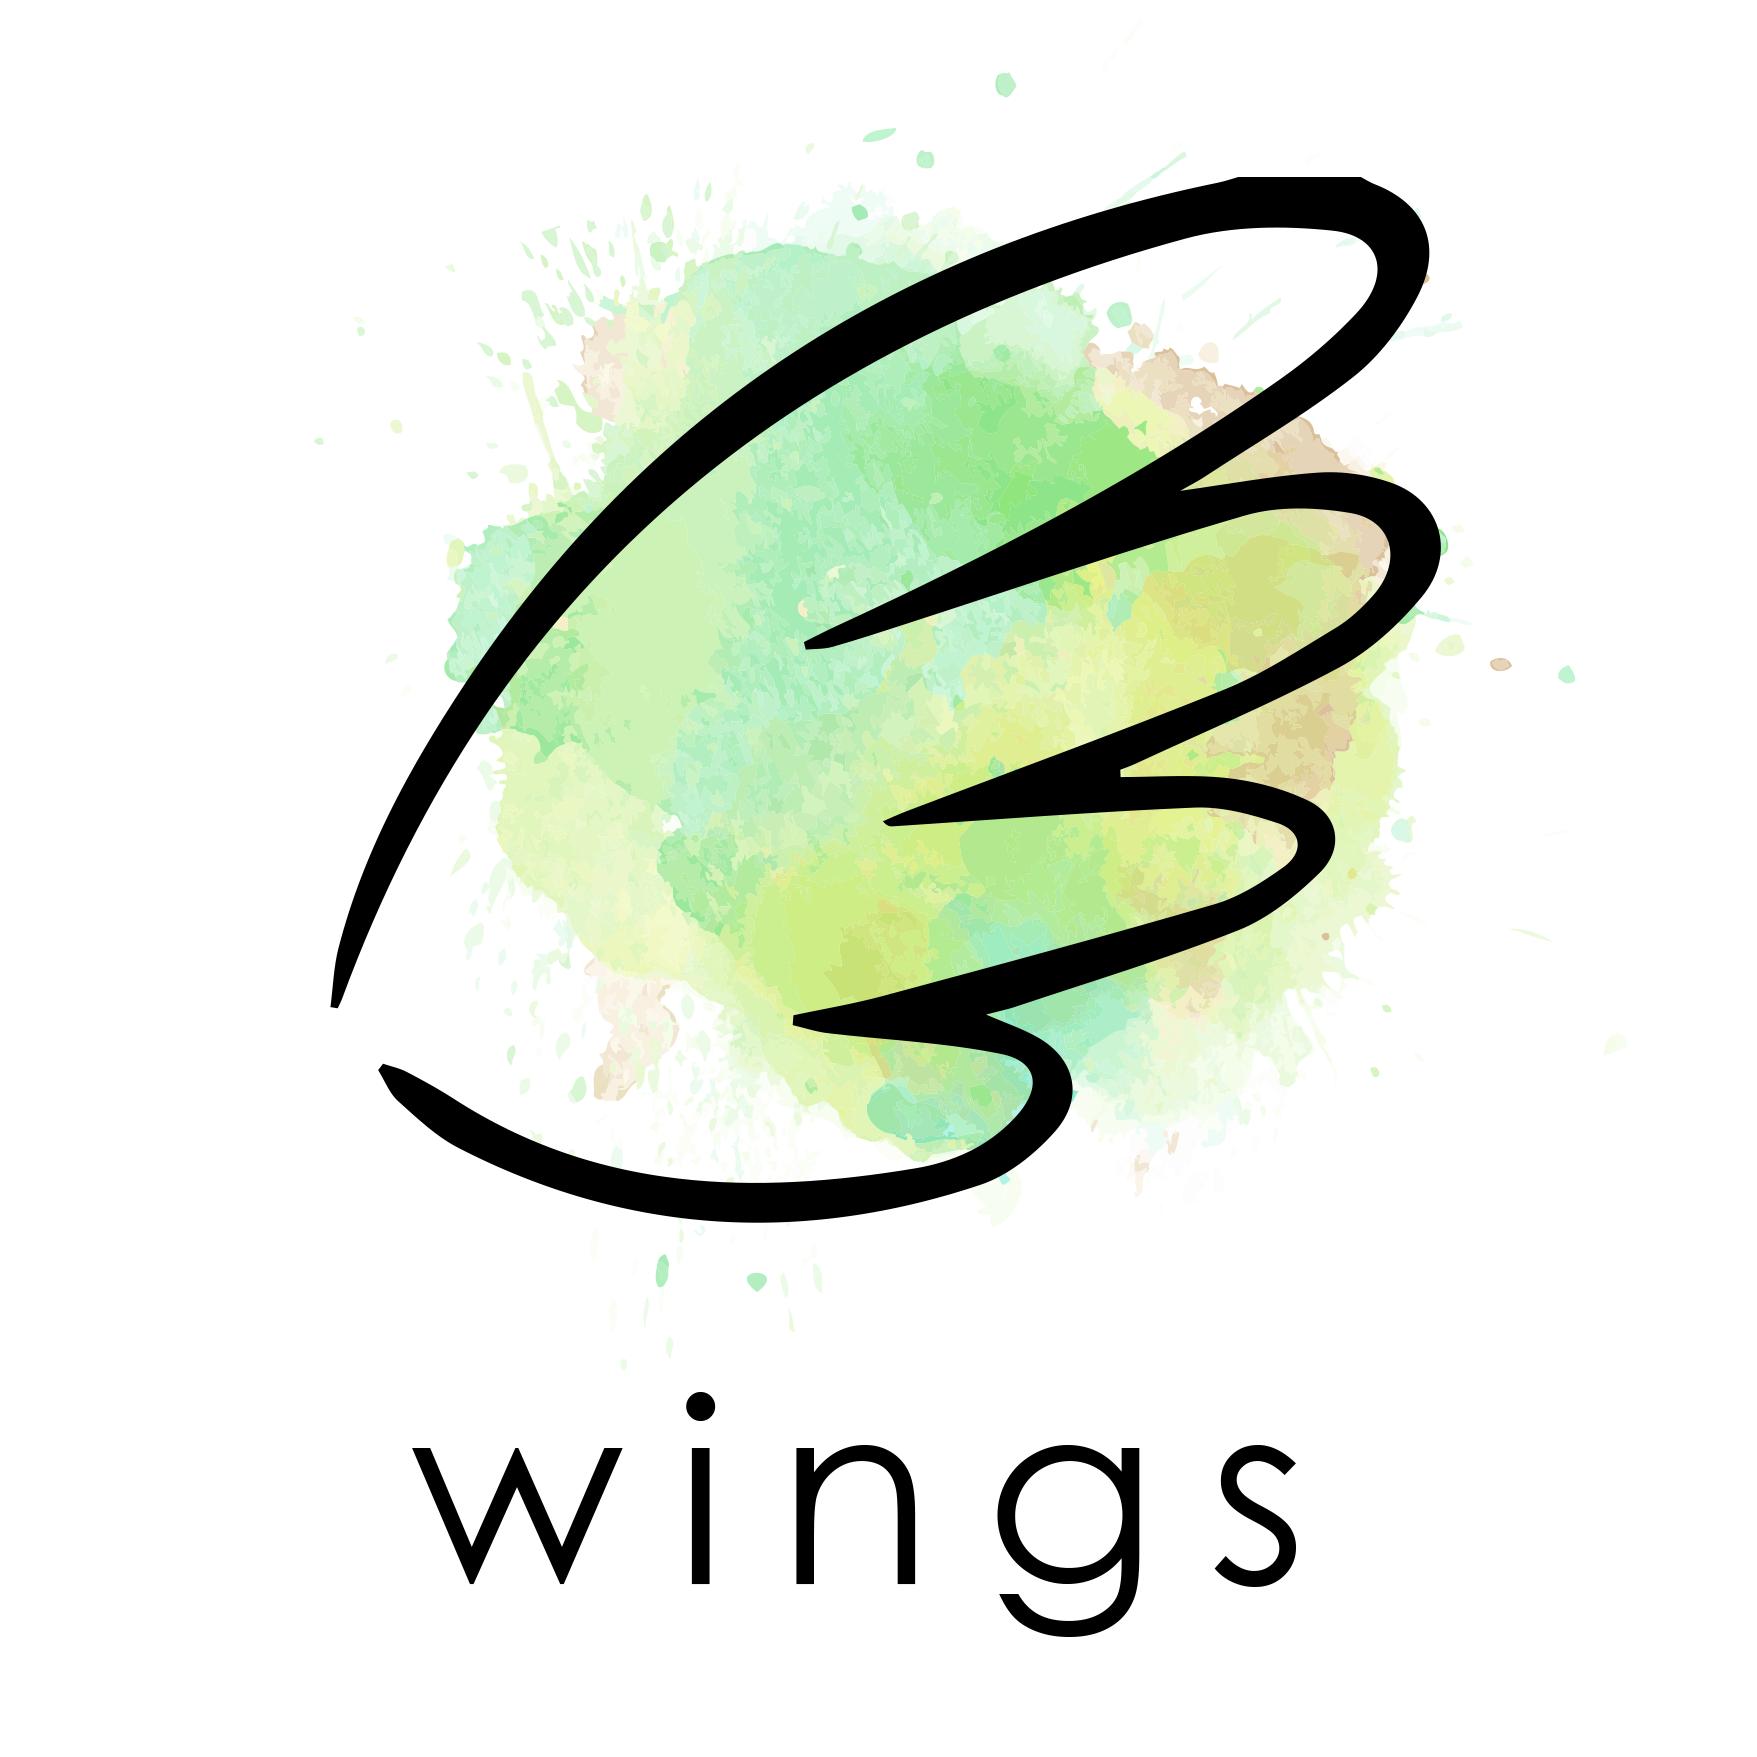 wings 女性起業家支援ネットワーク